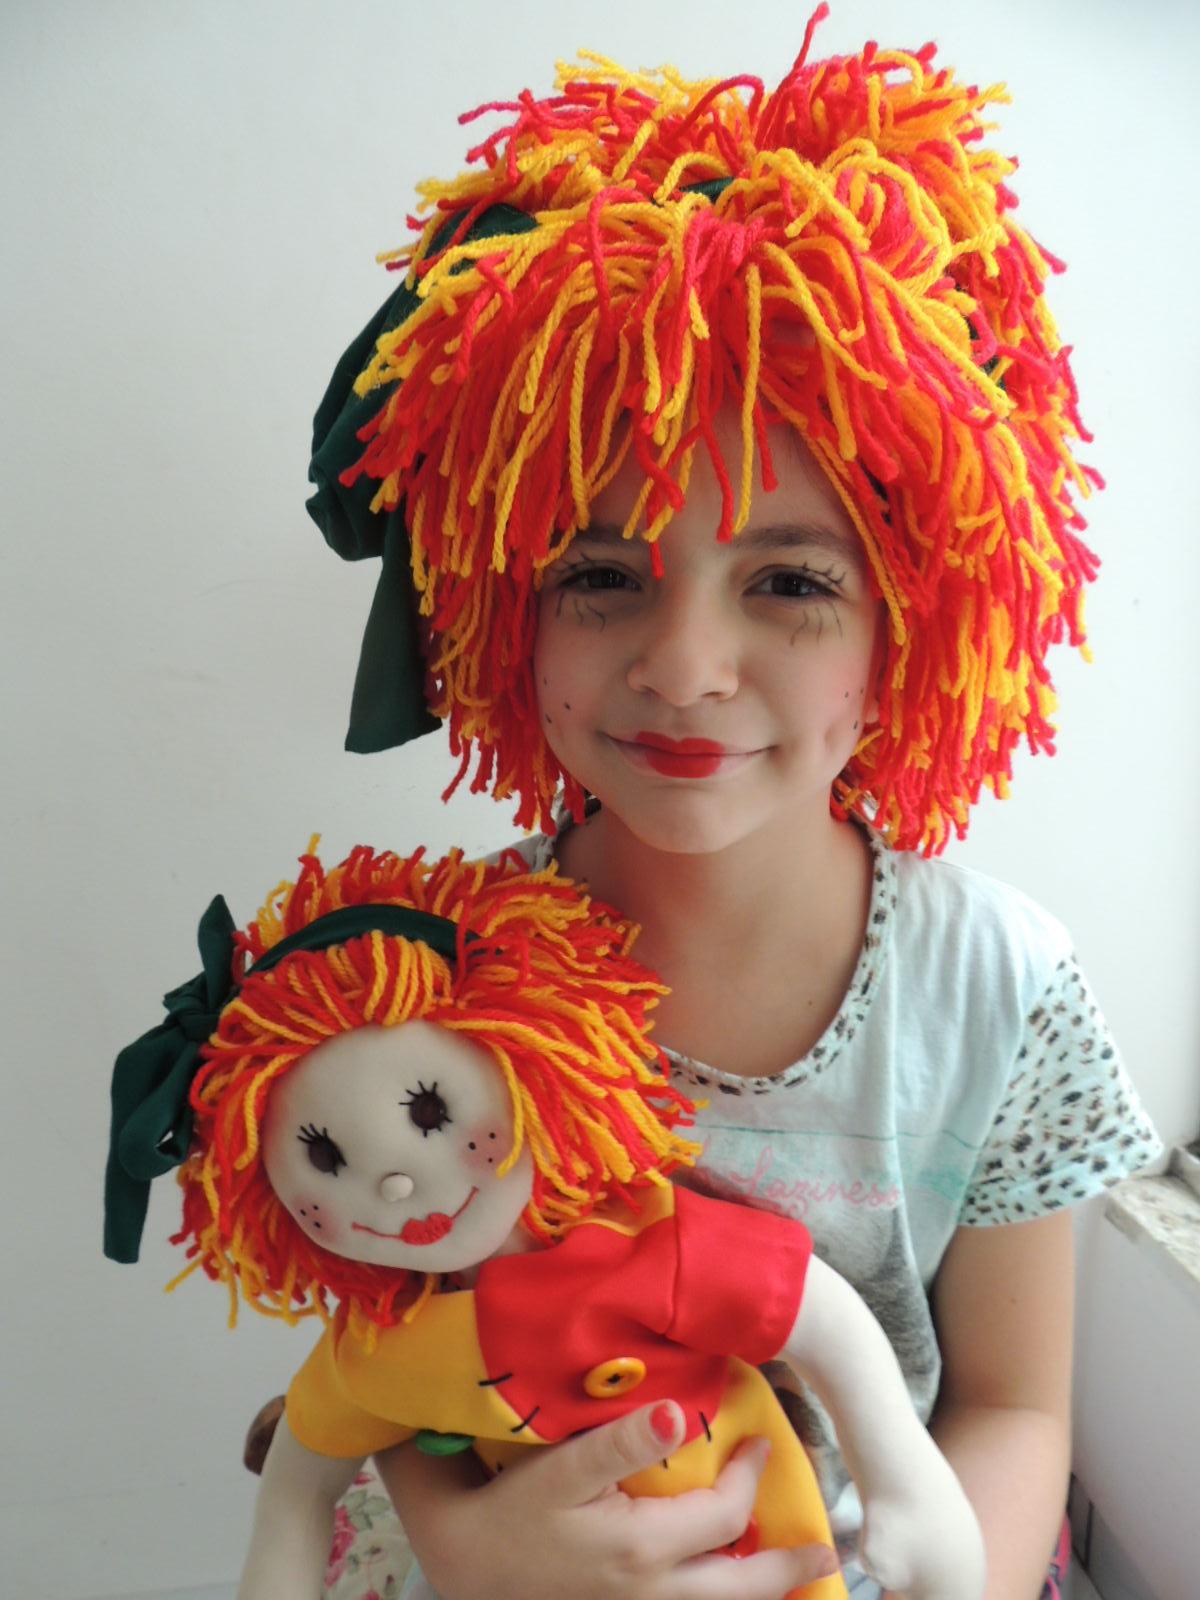 Aqui tem bonecas